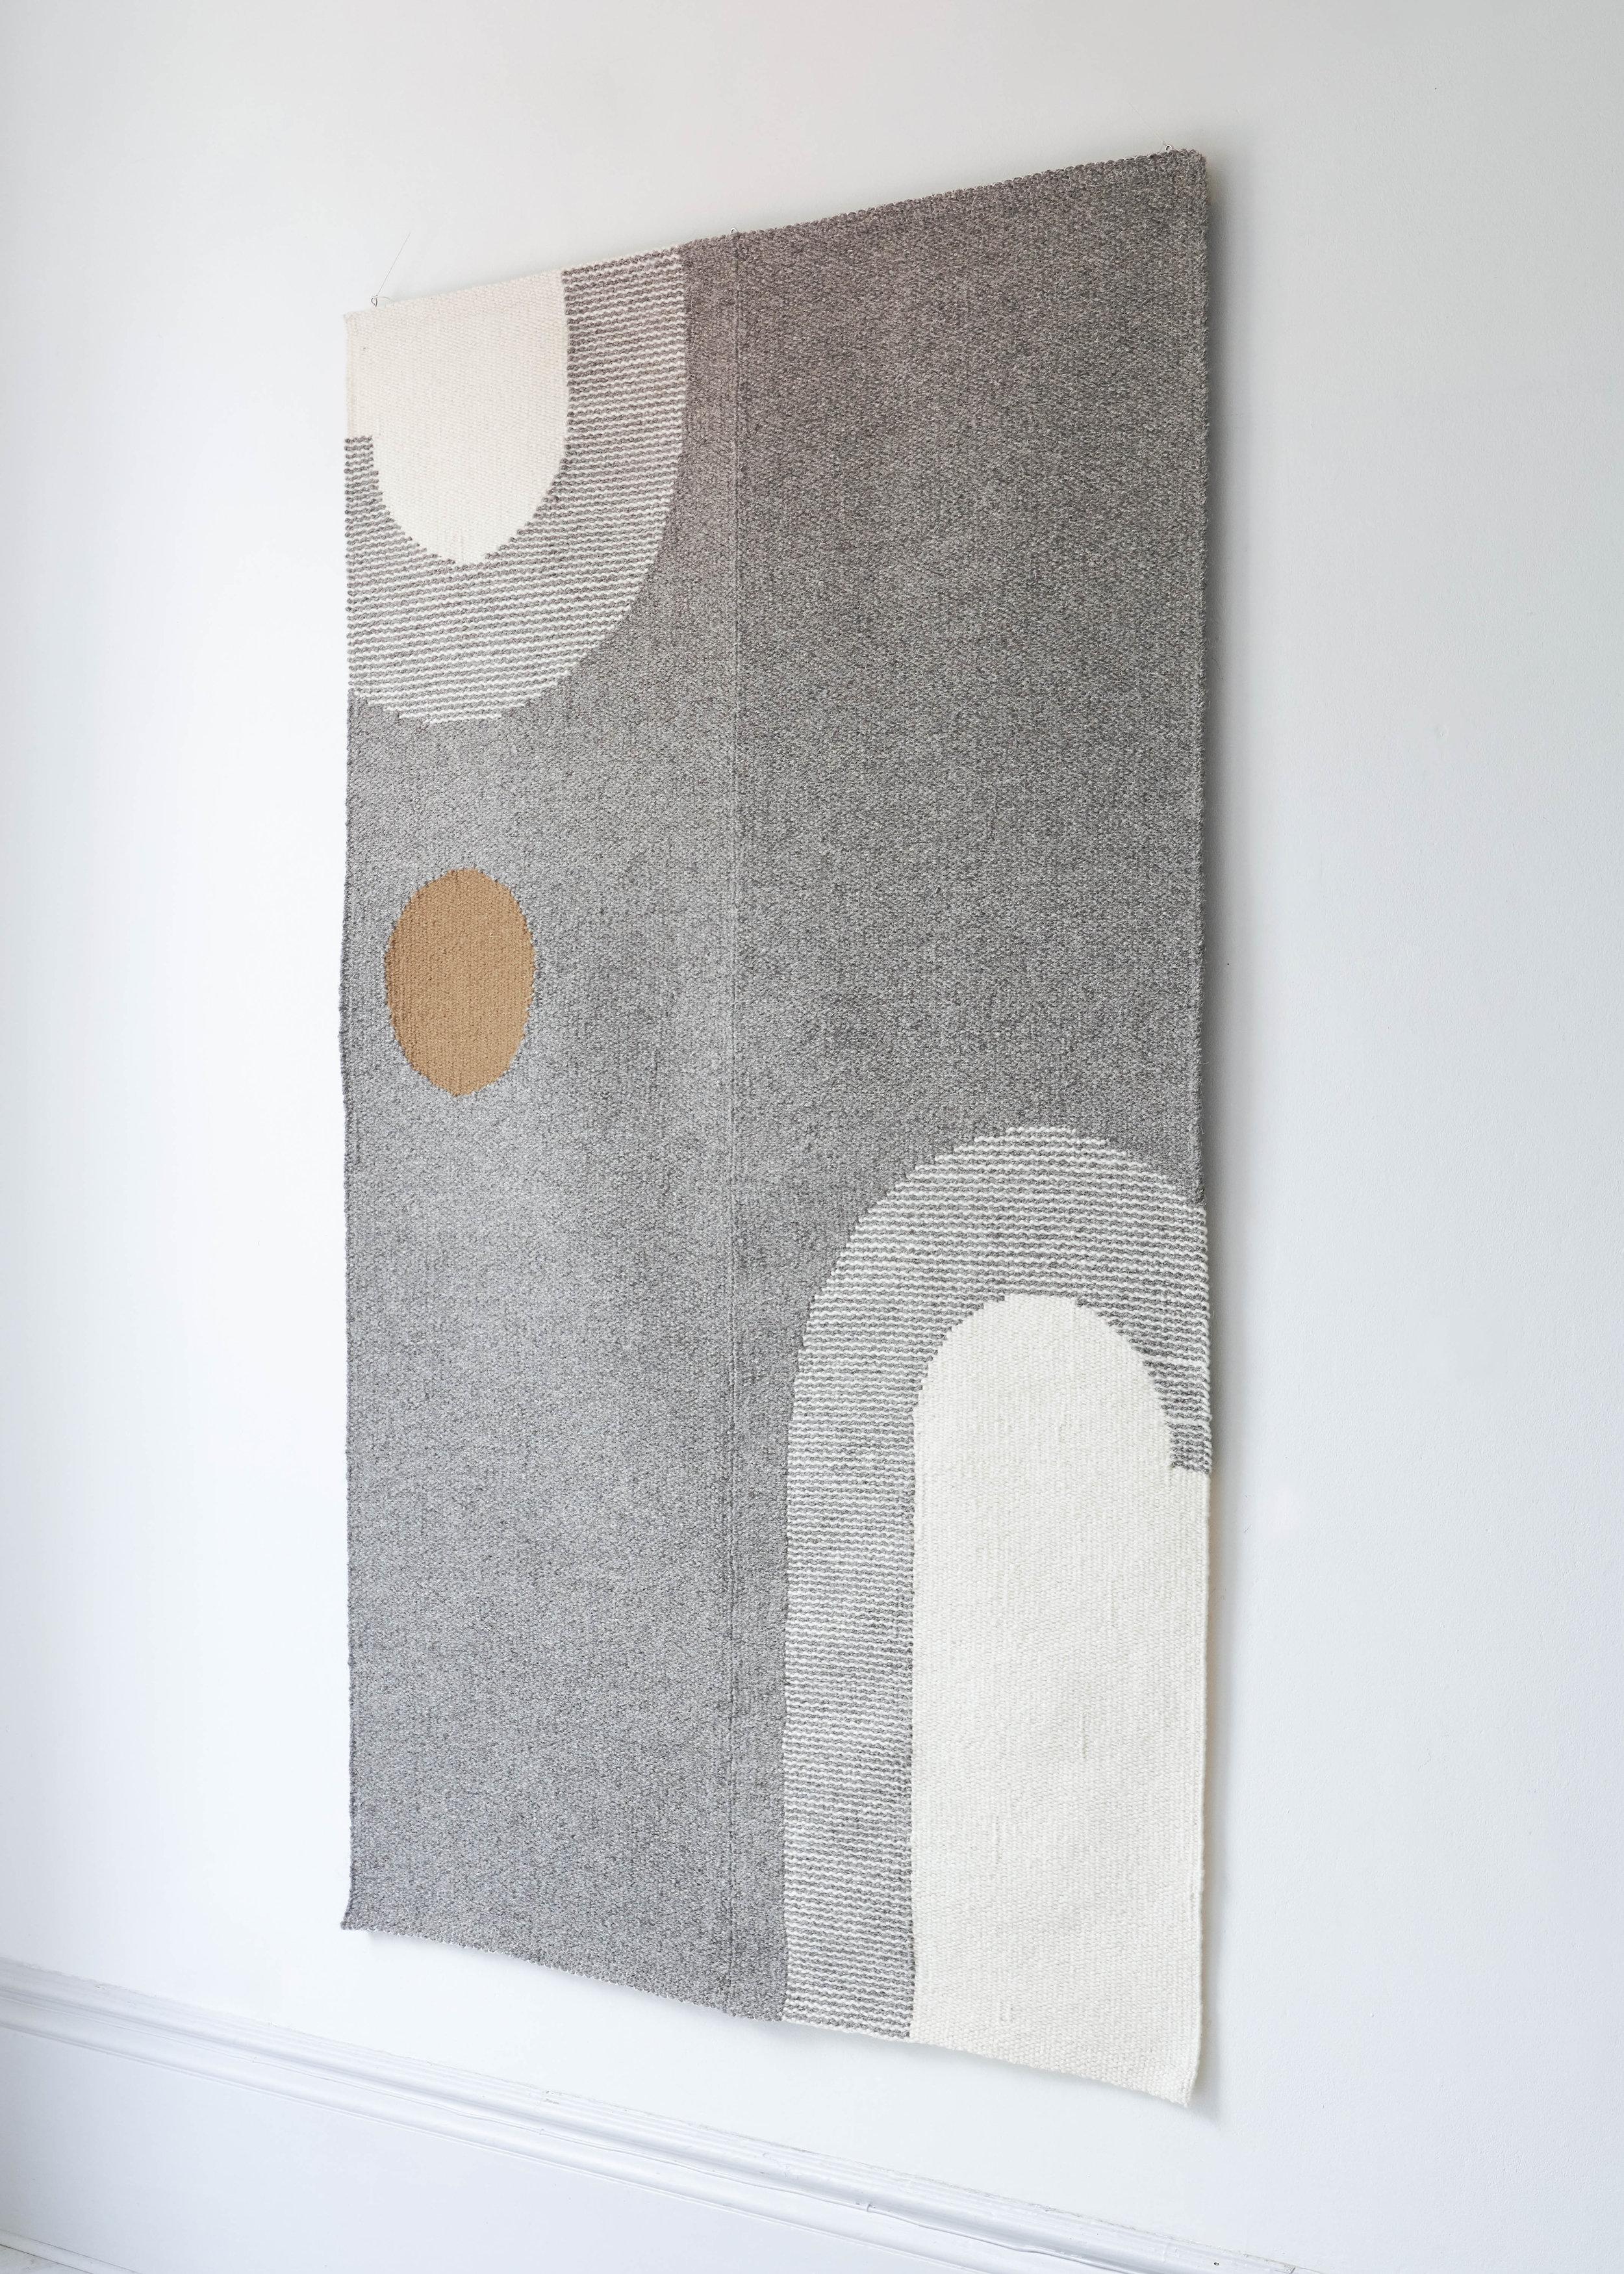 Christabel-Balfour-Two Pillars 002.jpg